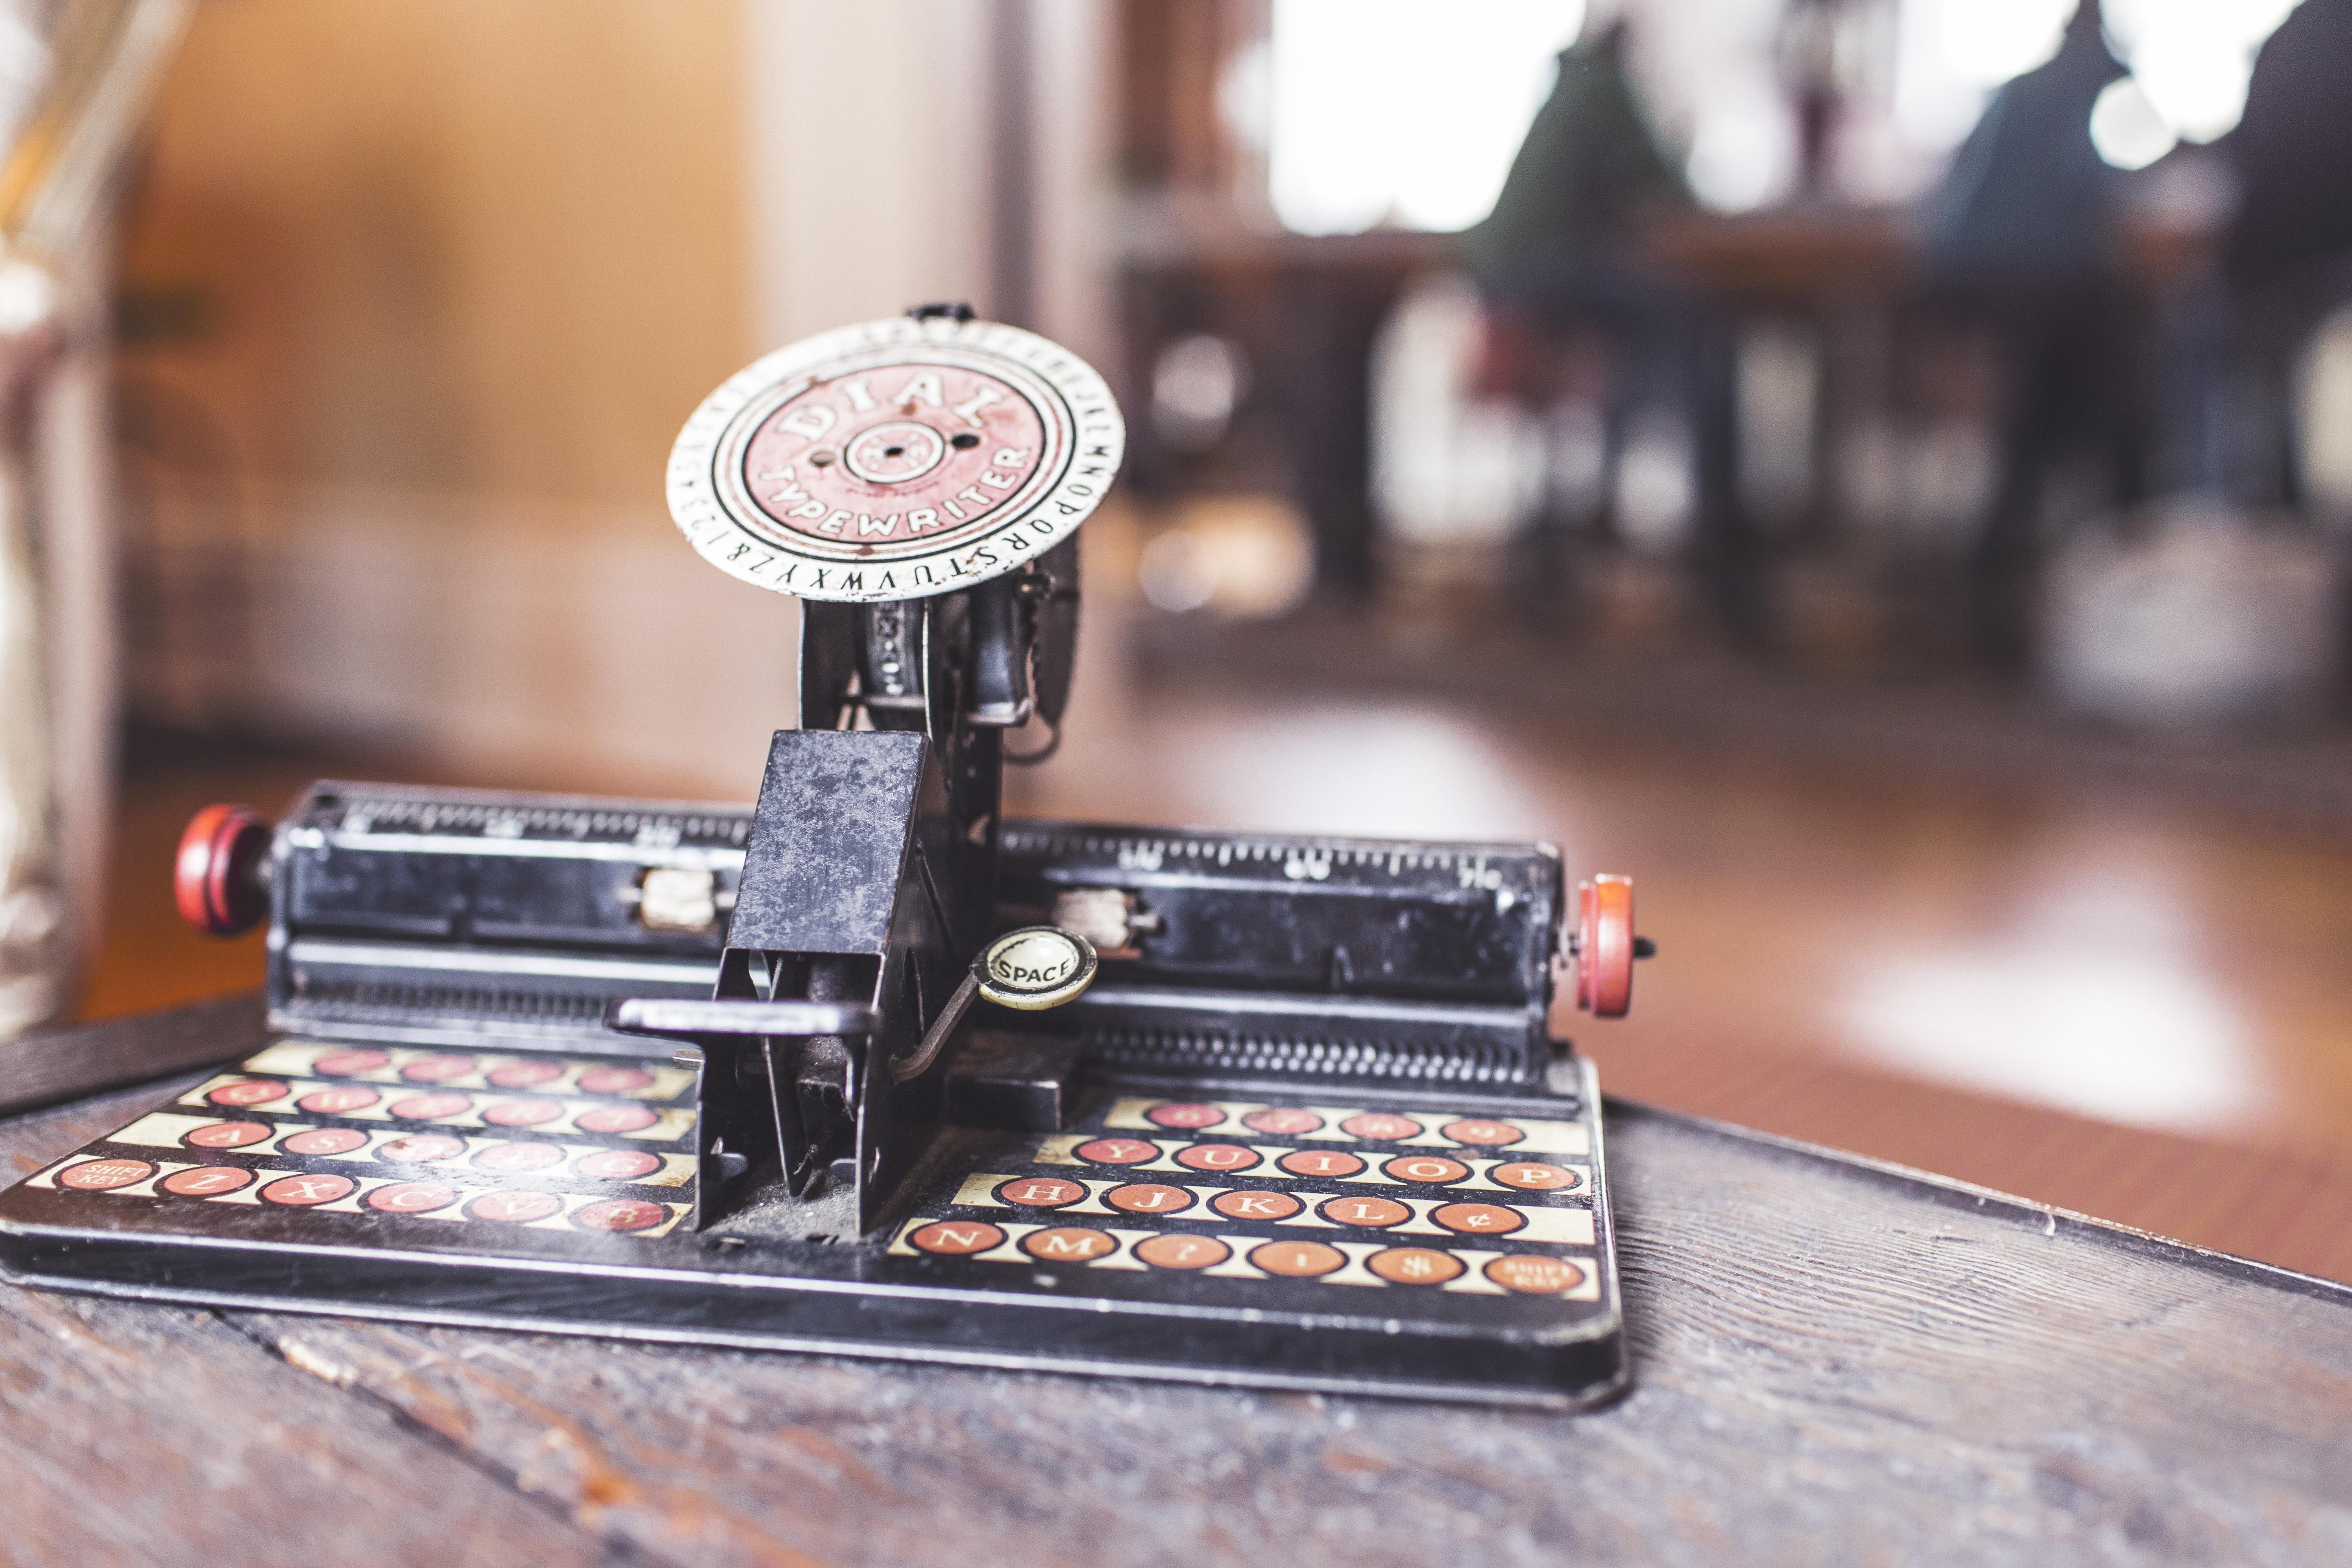 Kostenlose Foto Tippen Tastatur Jahrgang Retro Schreibmaschine